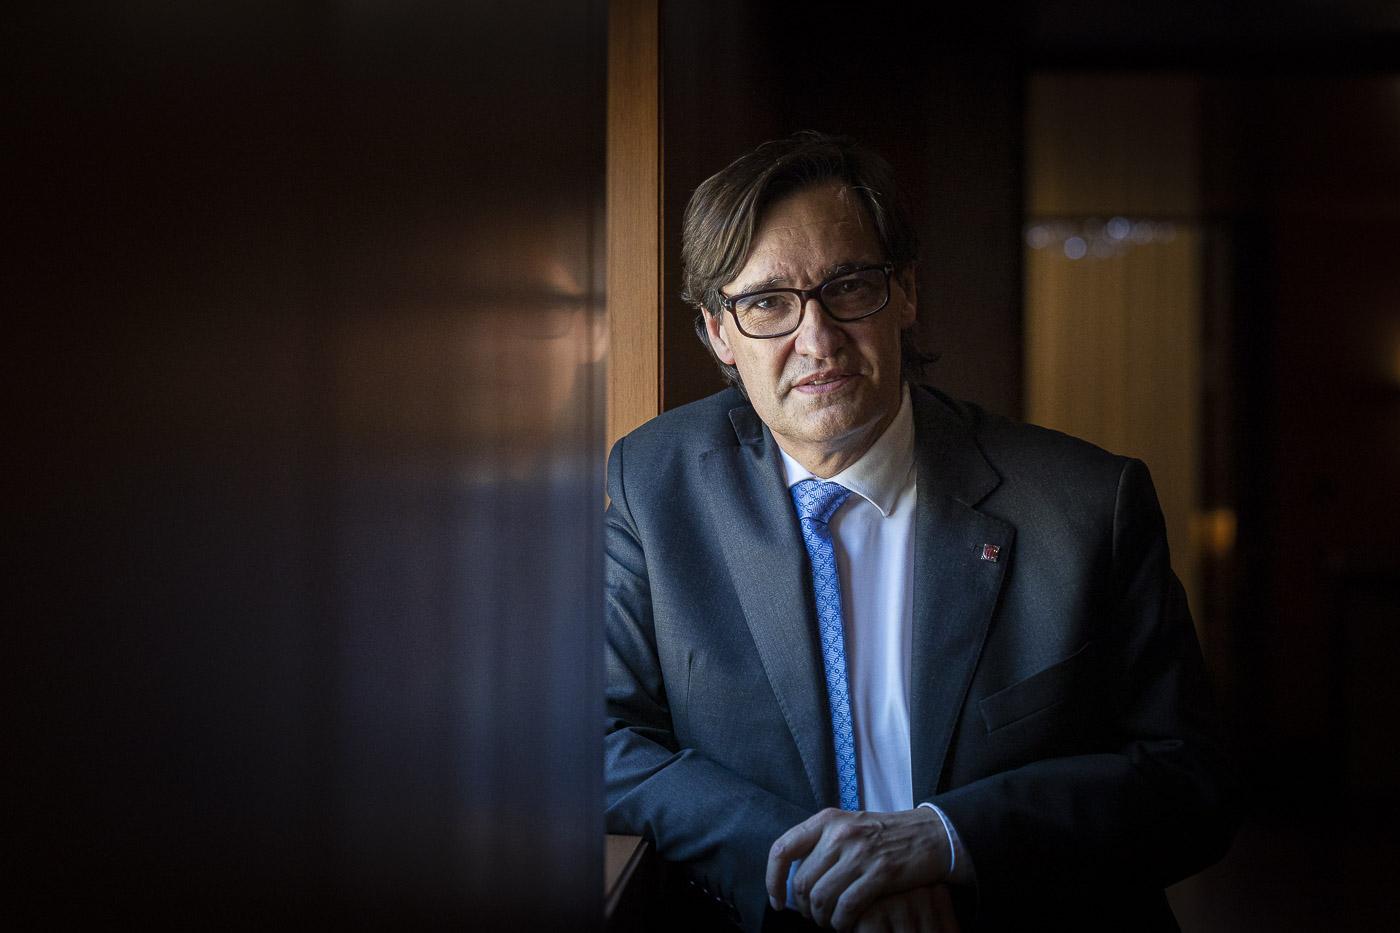 Salvador Illa, president del grup parlamentari del PSC i cap de l'oposició, en un passadís del Parlament / Jordi Borràs